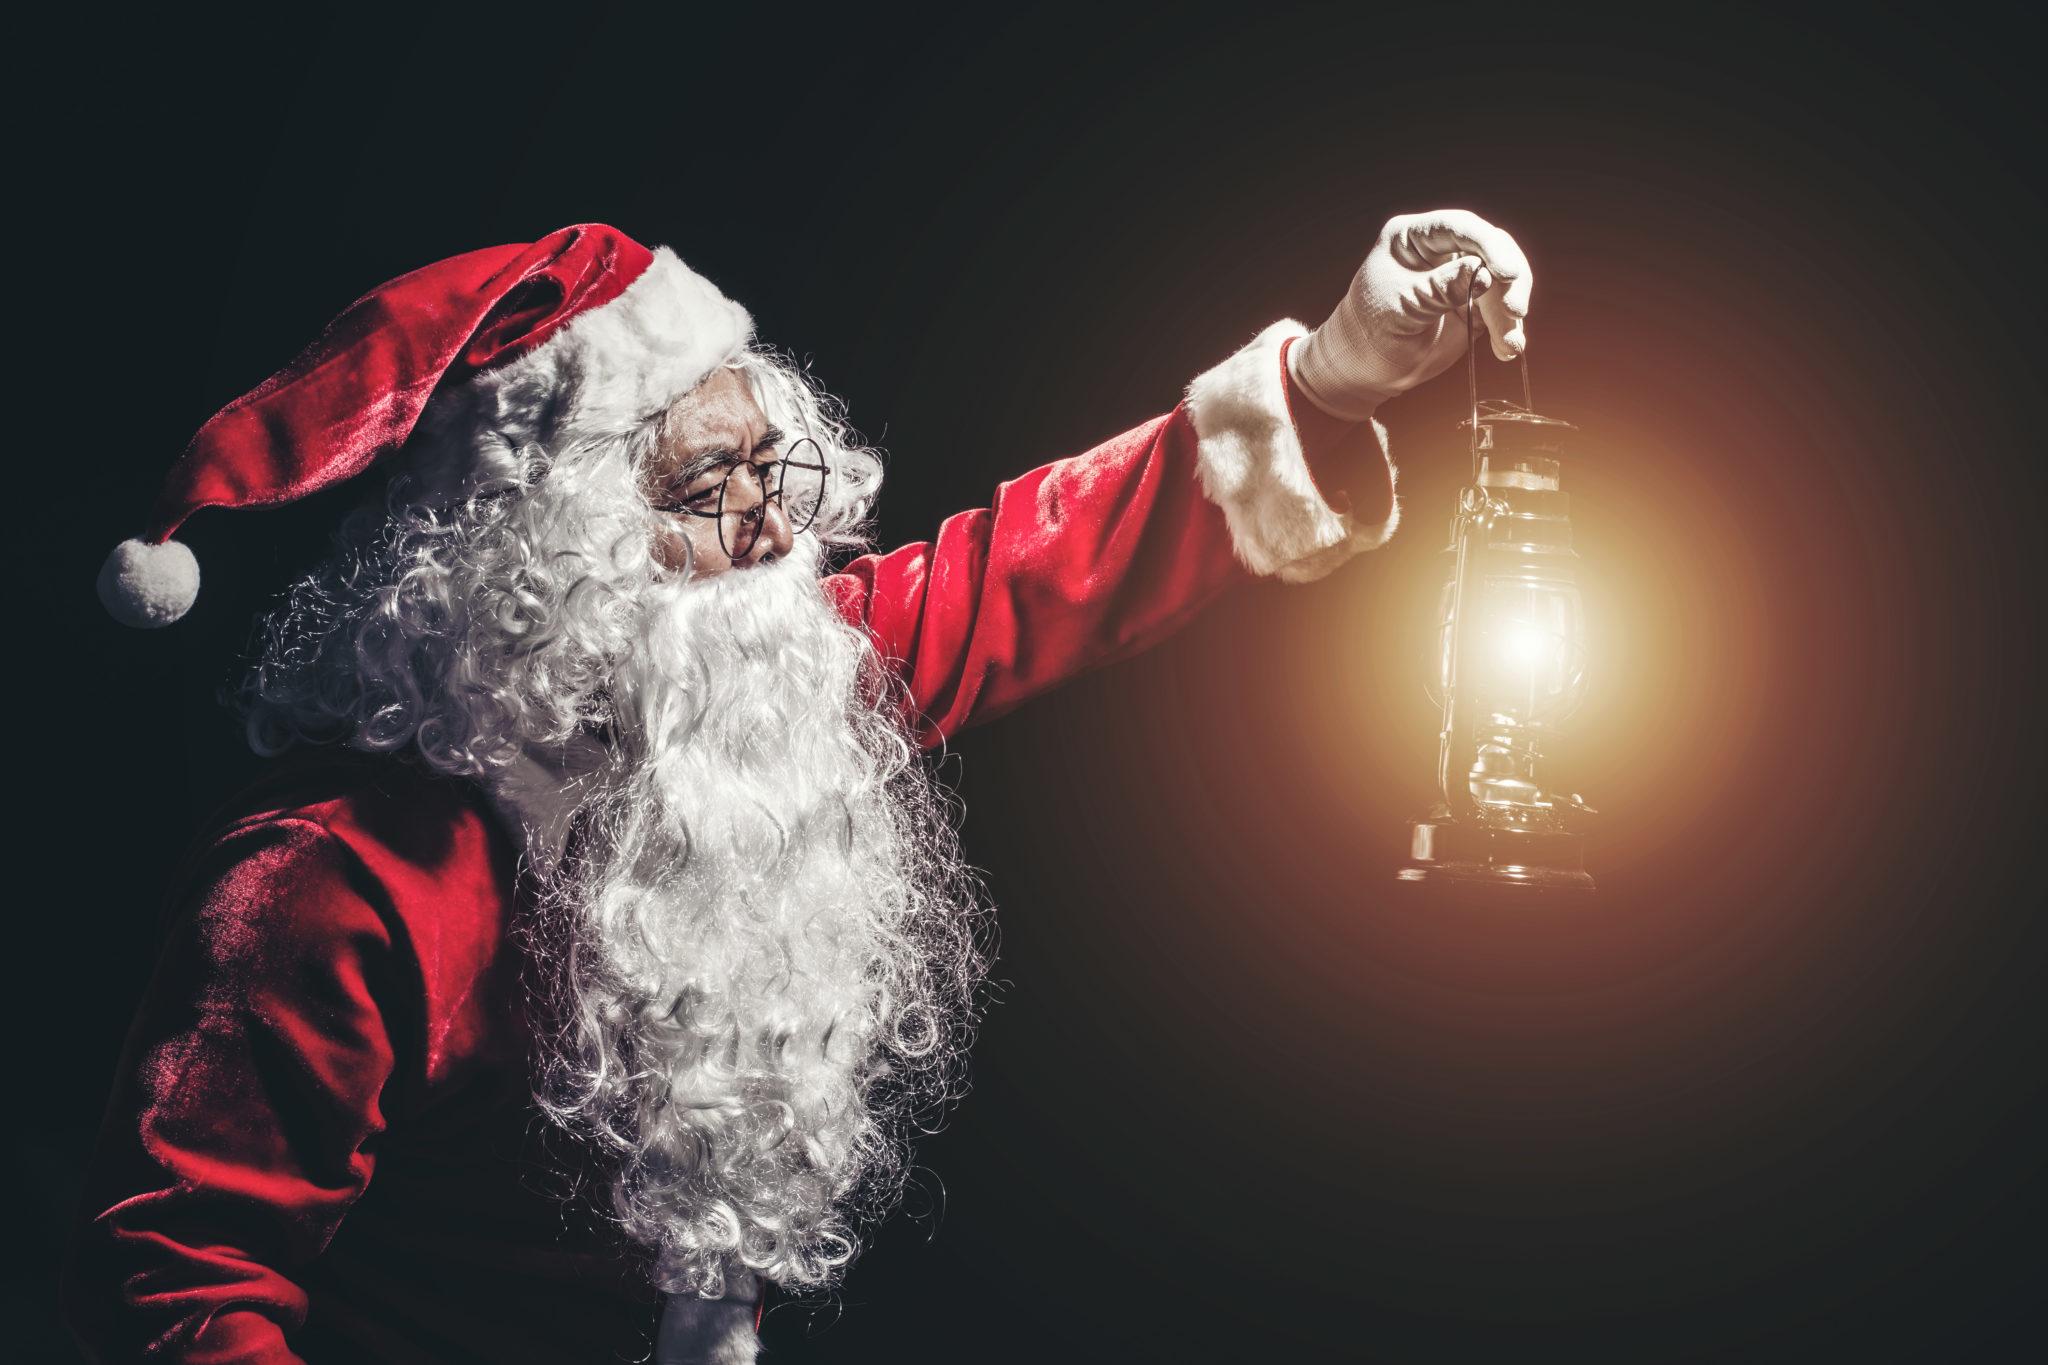 Babbo Natale E San Nicola.San Nicola In Fin Dei Conti Babbo Natale E Tricolore